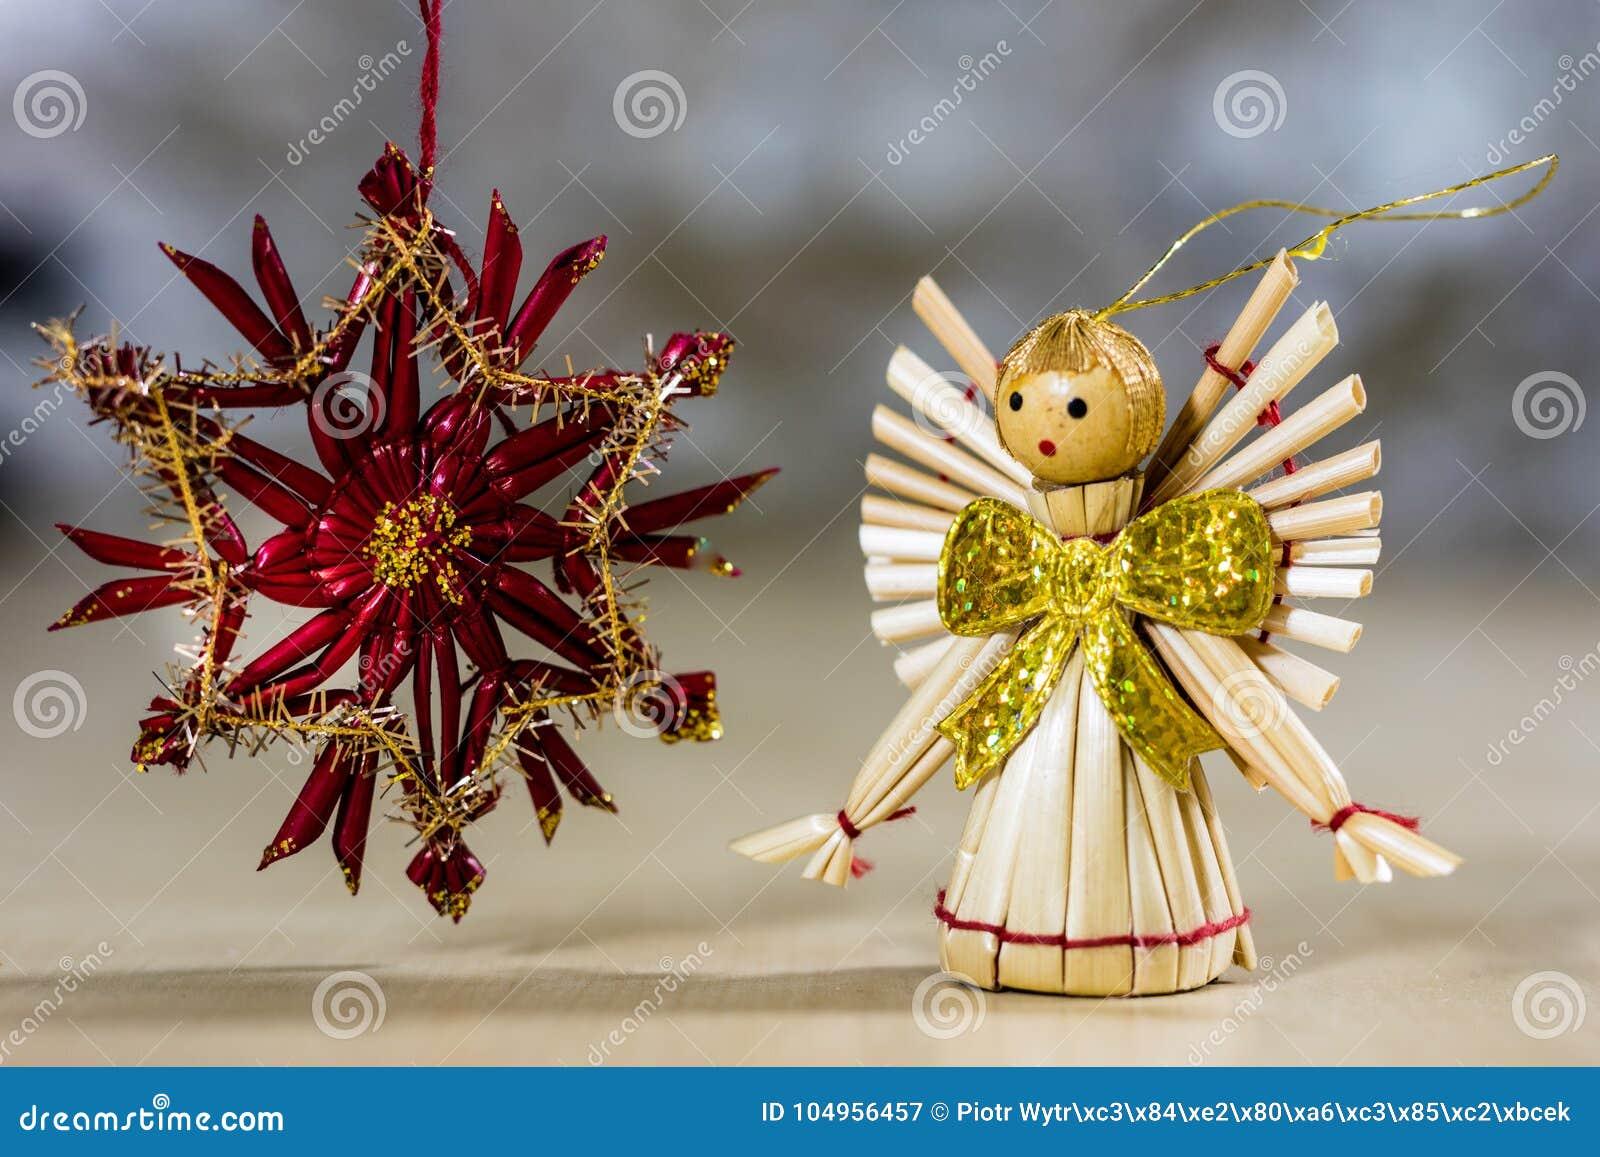 Christmas Decorations For Christmas Christmas Ornaments